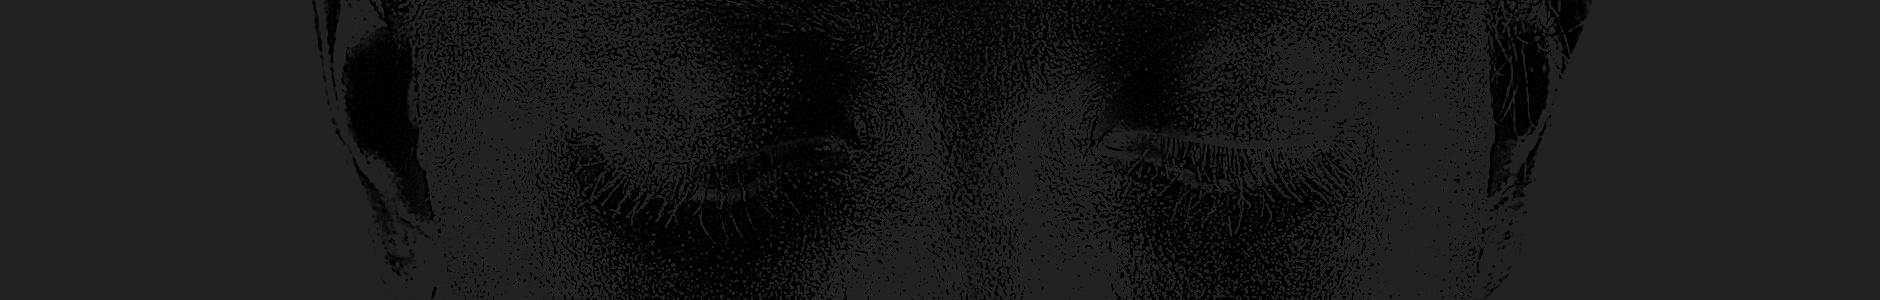 creer-imaginaire-noir